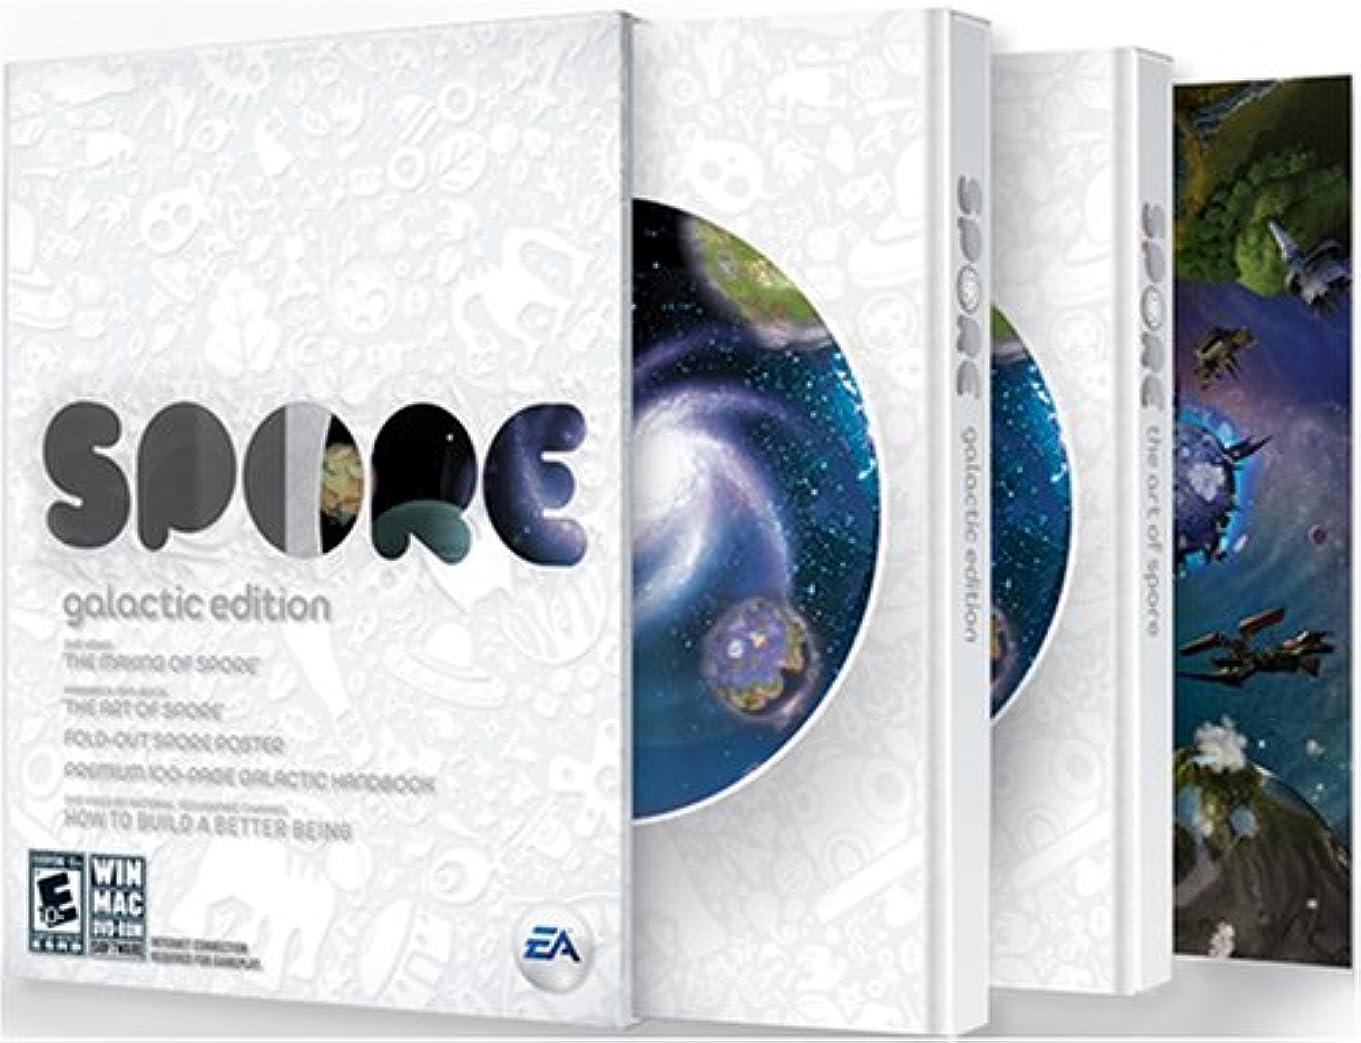 文人形物思いにふけるSpore Galactic Edition (輸入版)